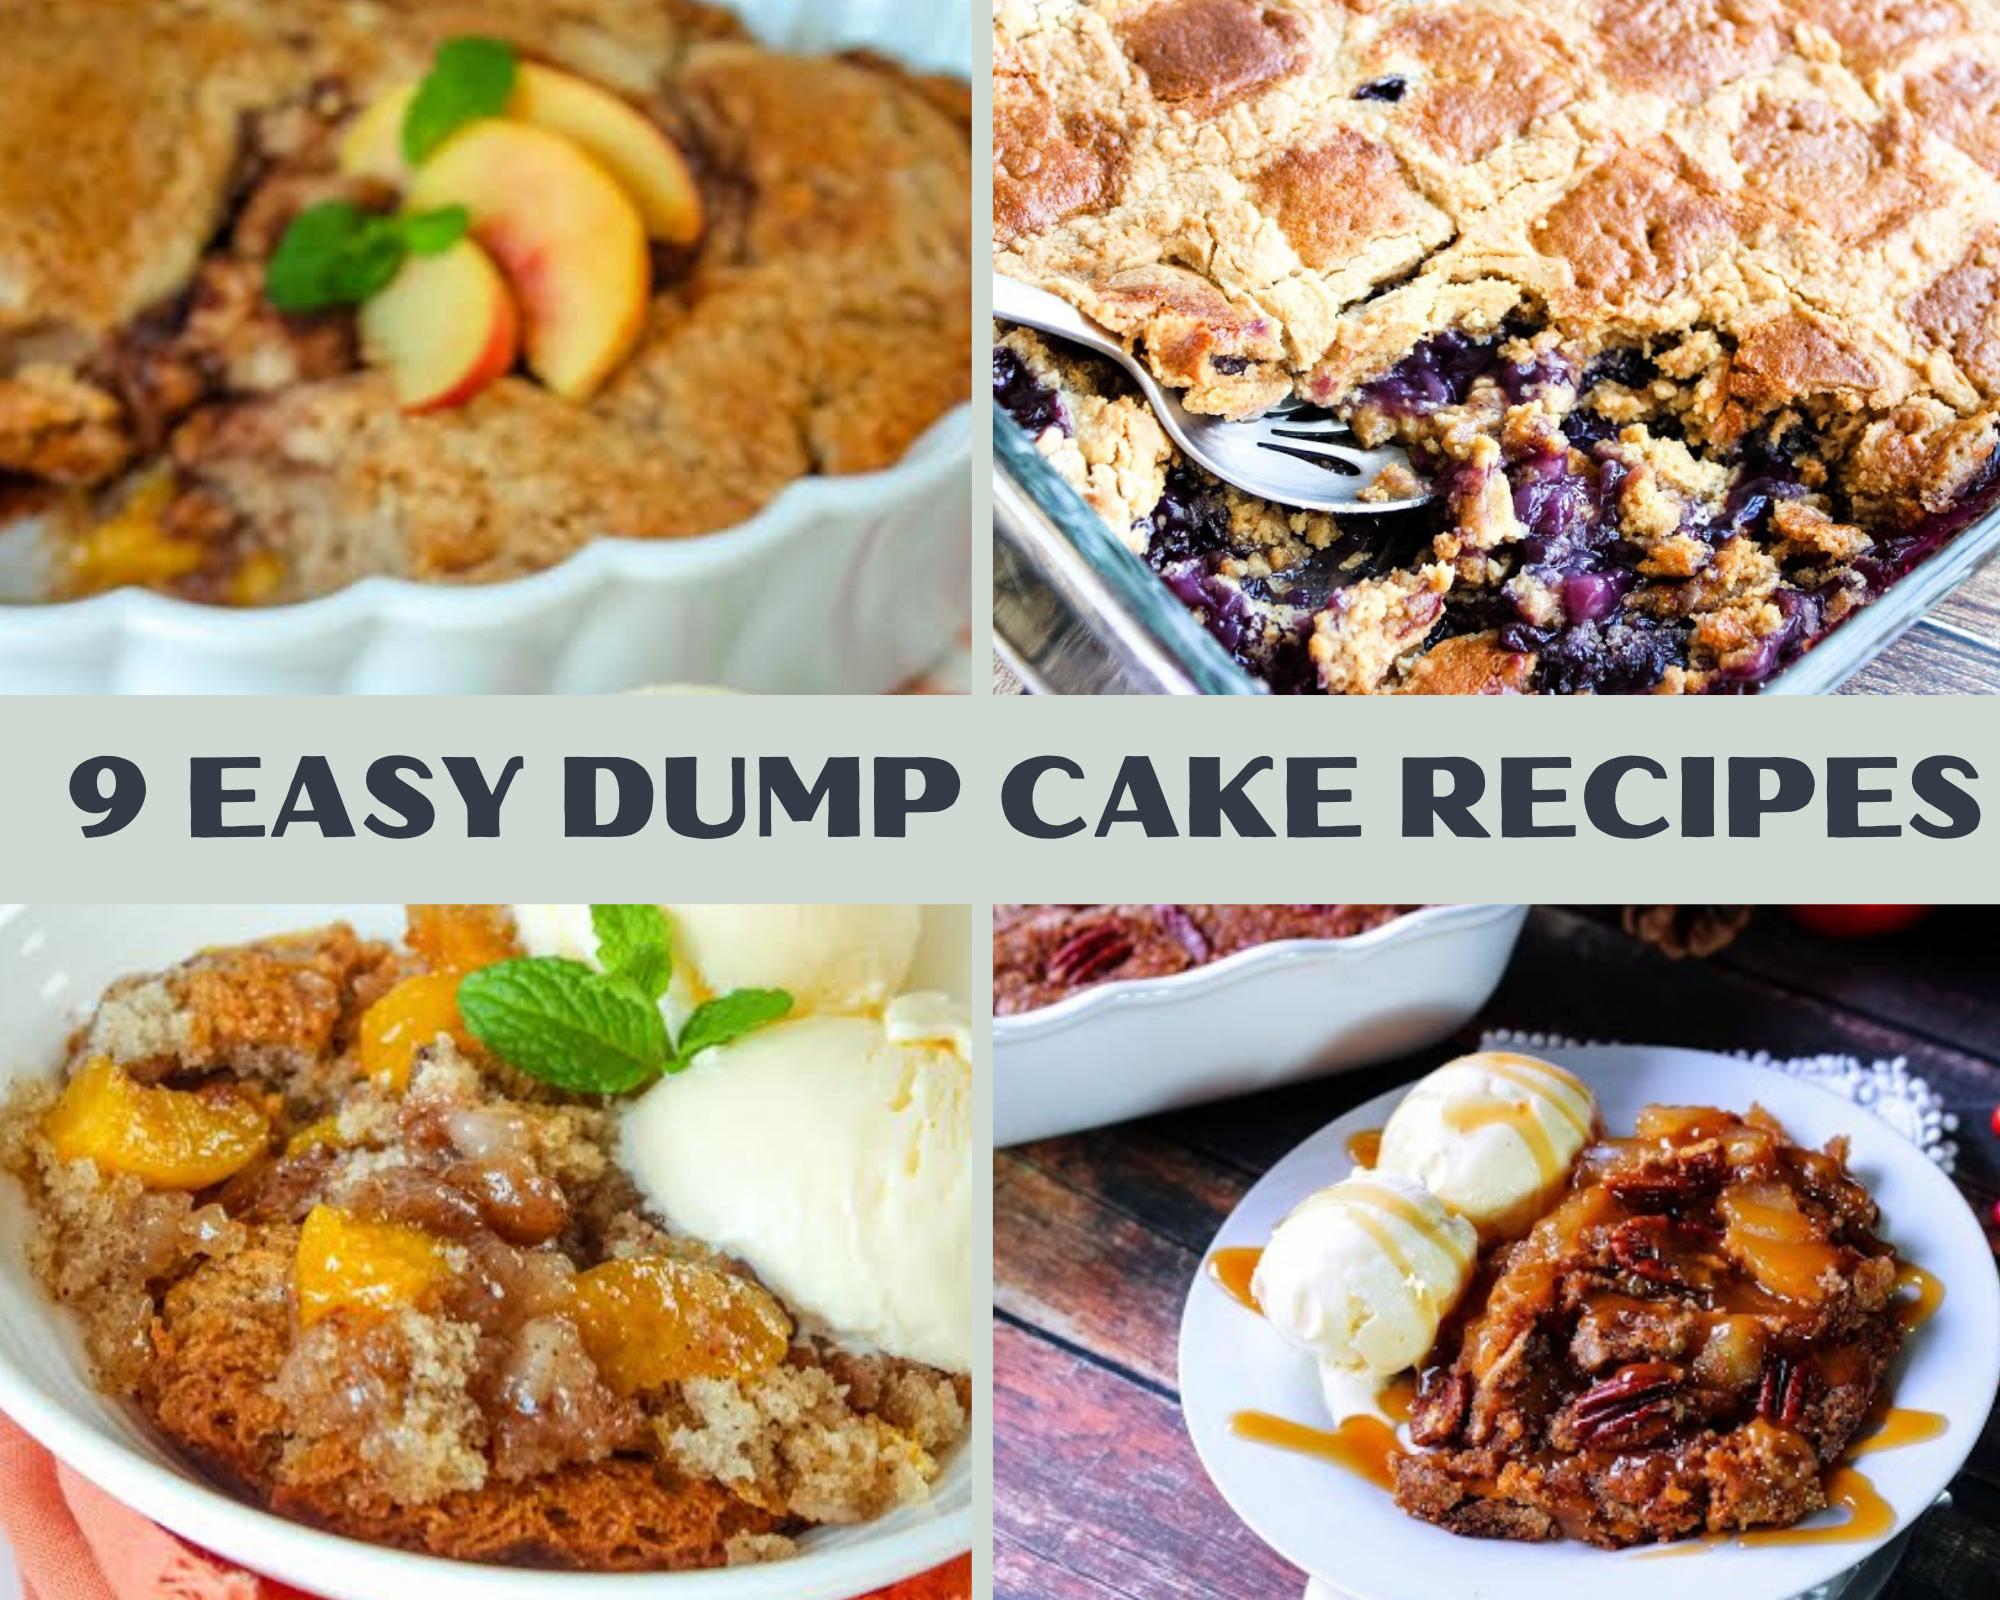 9 dump cake recipes